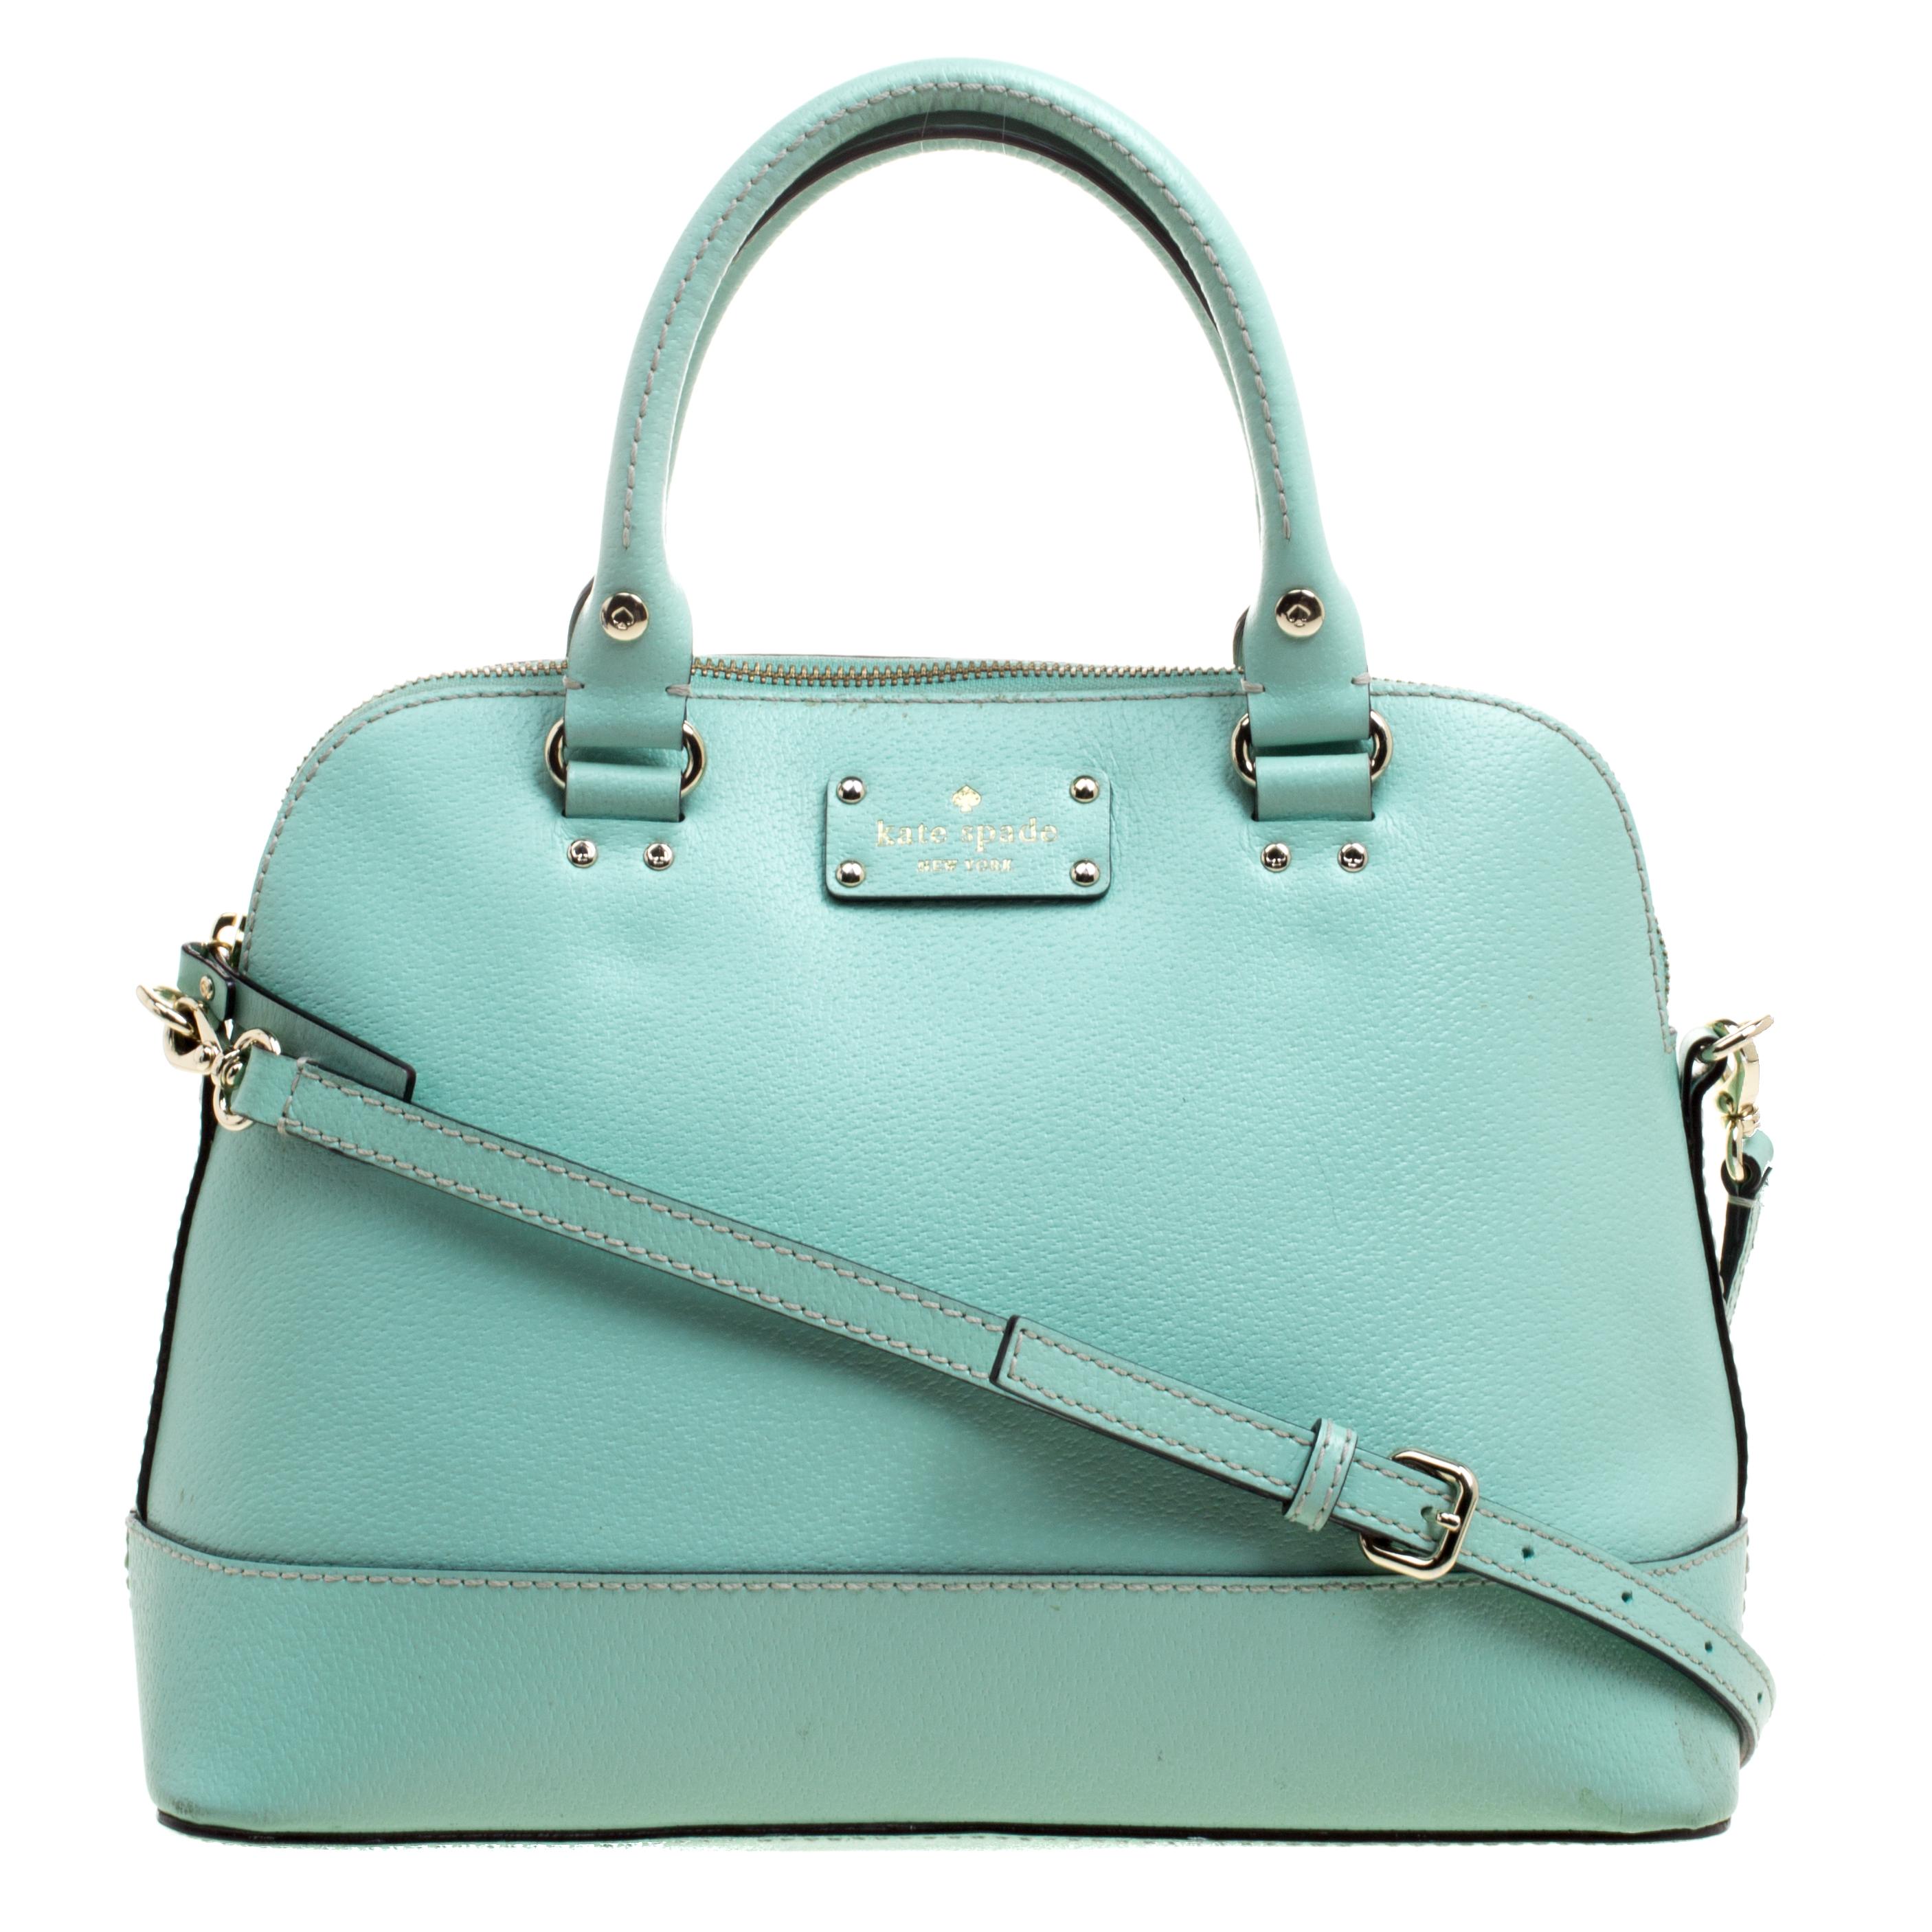 Buy Kate Spade Mint Green Leather Wellesley Rachelle Shoulder Bag ... 923cabd6715c3